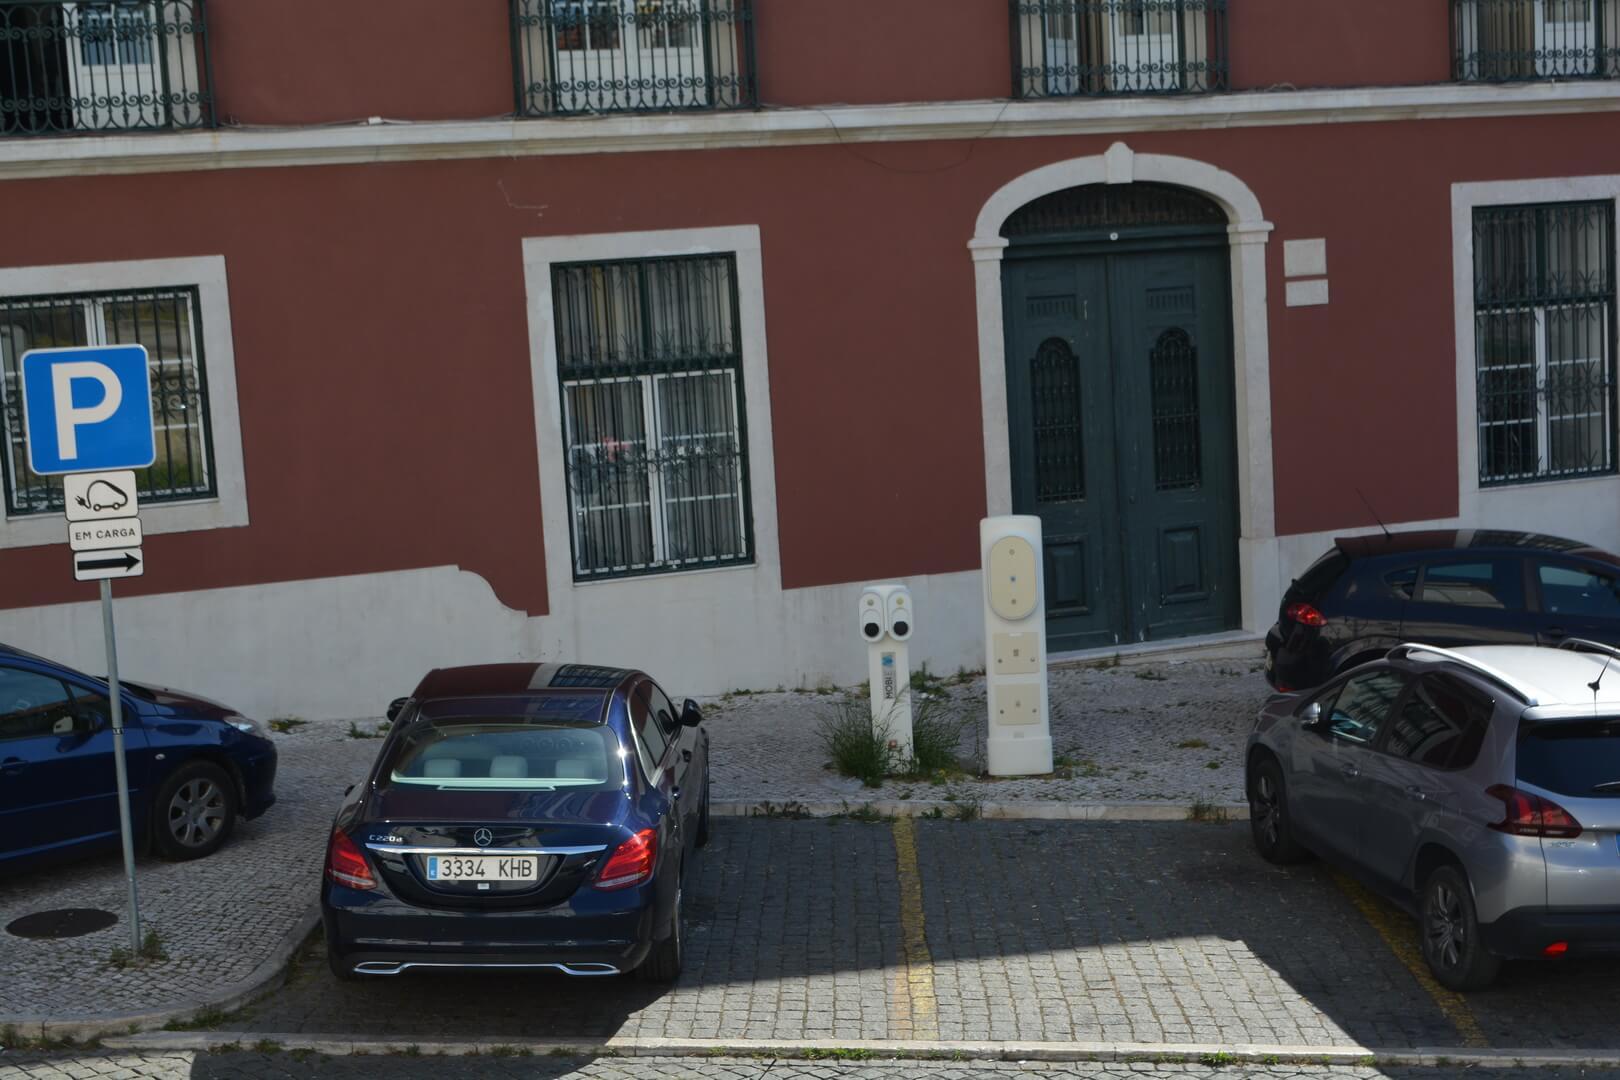 Парковка бензиновых авто на местах для зарядки (Lisabon, Portugal)